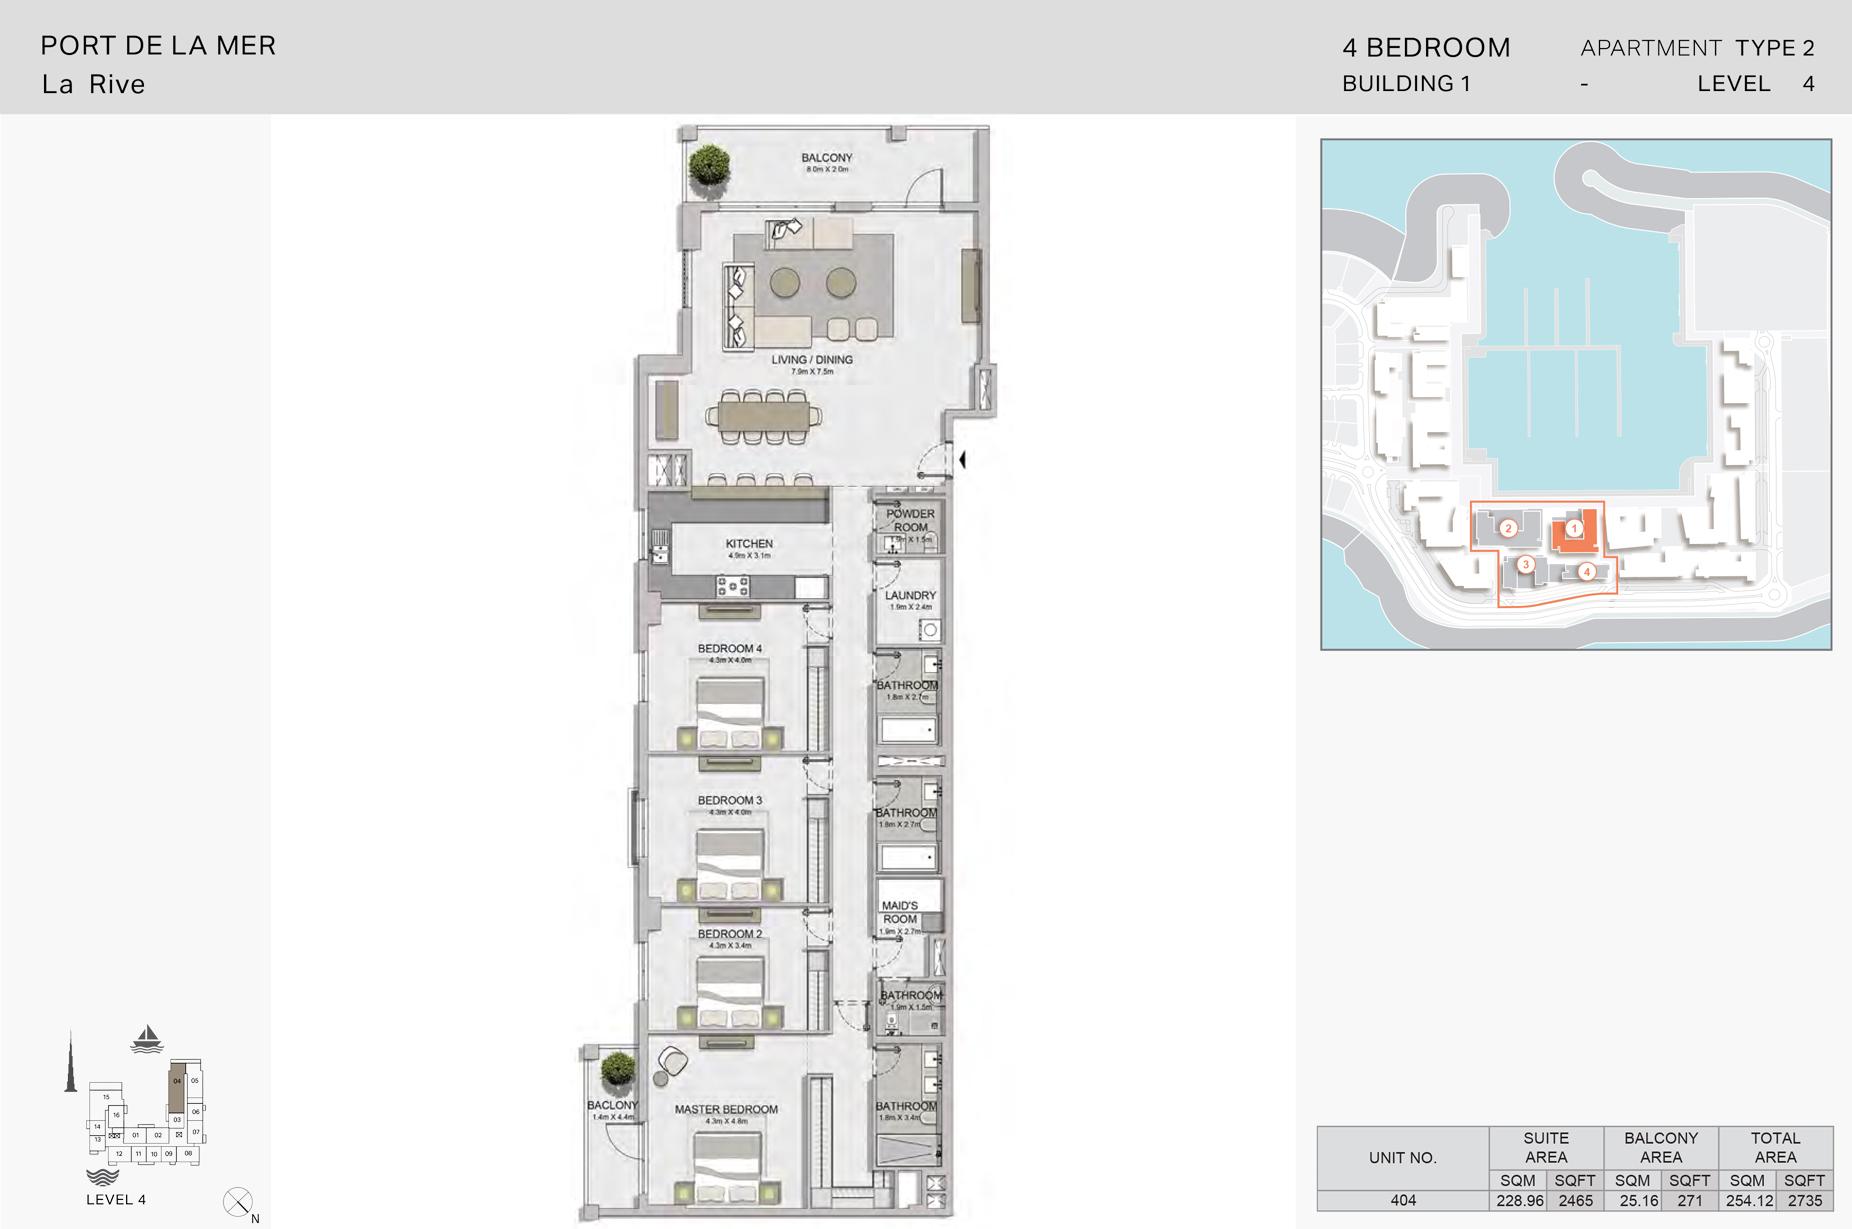 4 غرف نوم، منبى 1- نوع  2 - المساحة 2735 قدم مربع